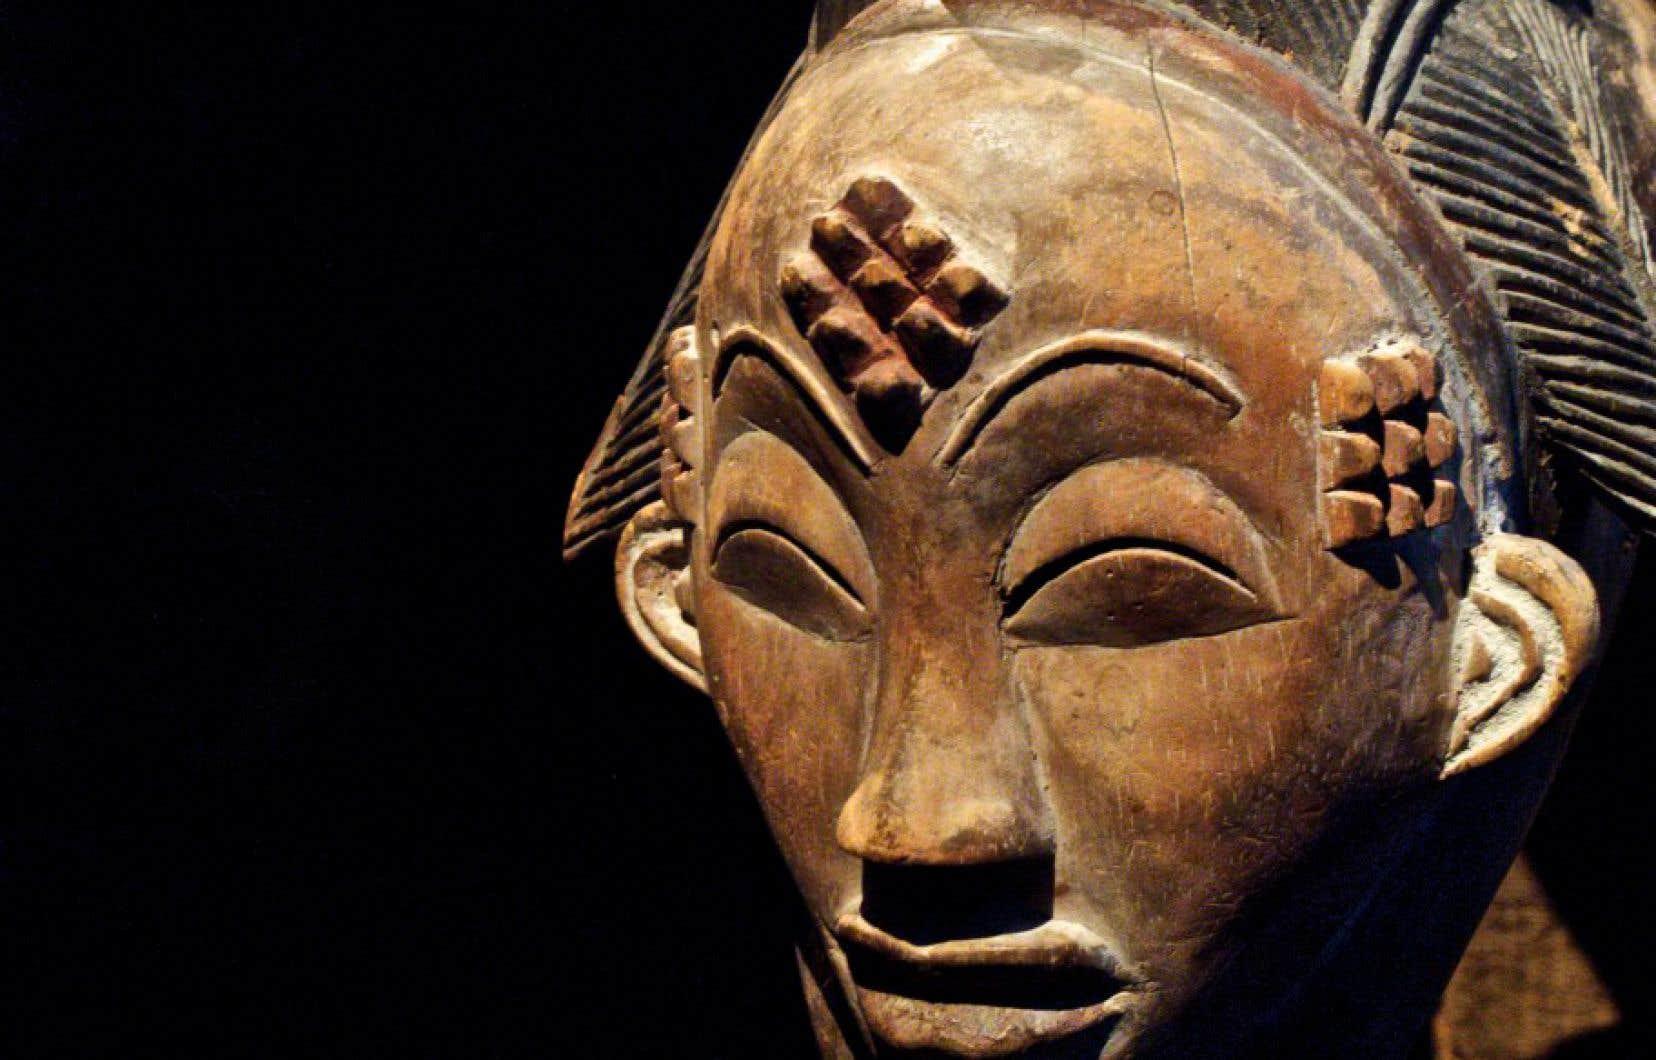 Masque anthropomorphe Okuyi, population Punu (Gabon), début du XXe siècle,œuvre africaine de la collection du musée du quai Branly – Jacques Chirac, à Paris.